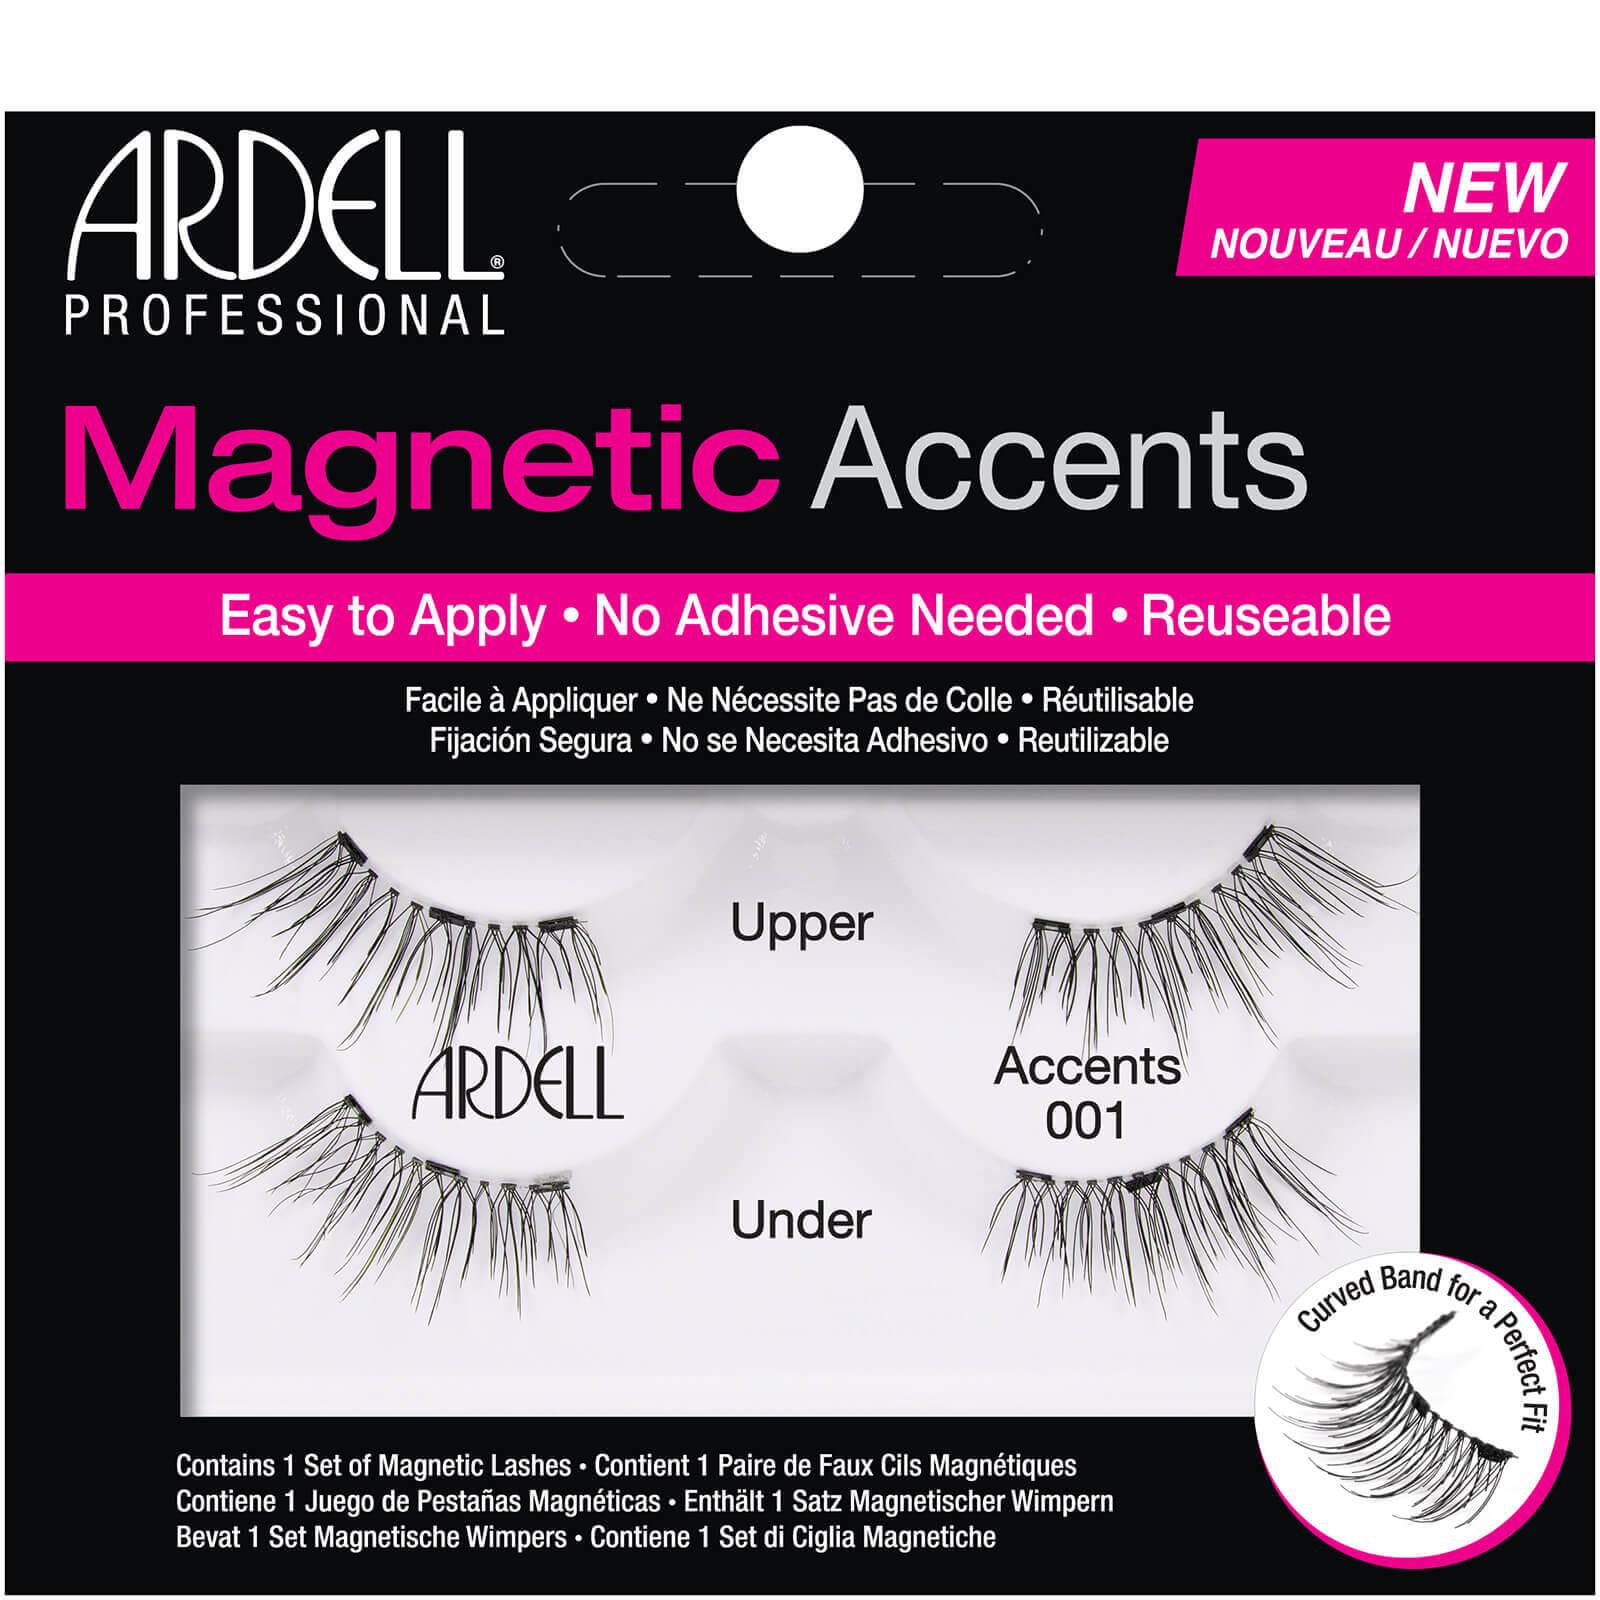 Магнитные накладные ресницы Ardell Magnetic Lash Natural Accents 001 False Eyelashes  - Купить